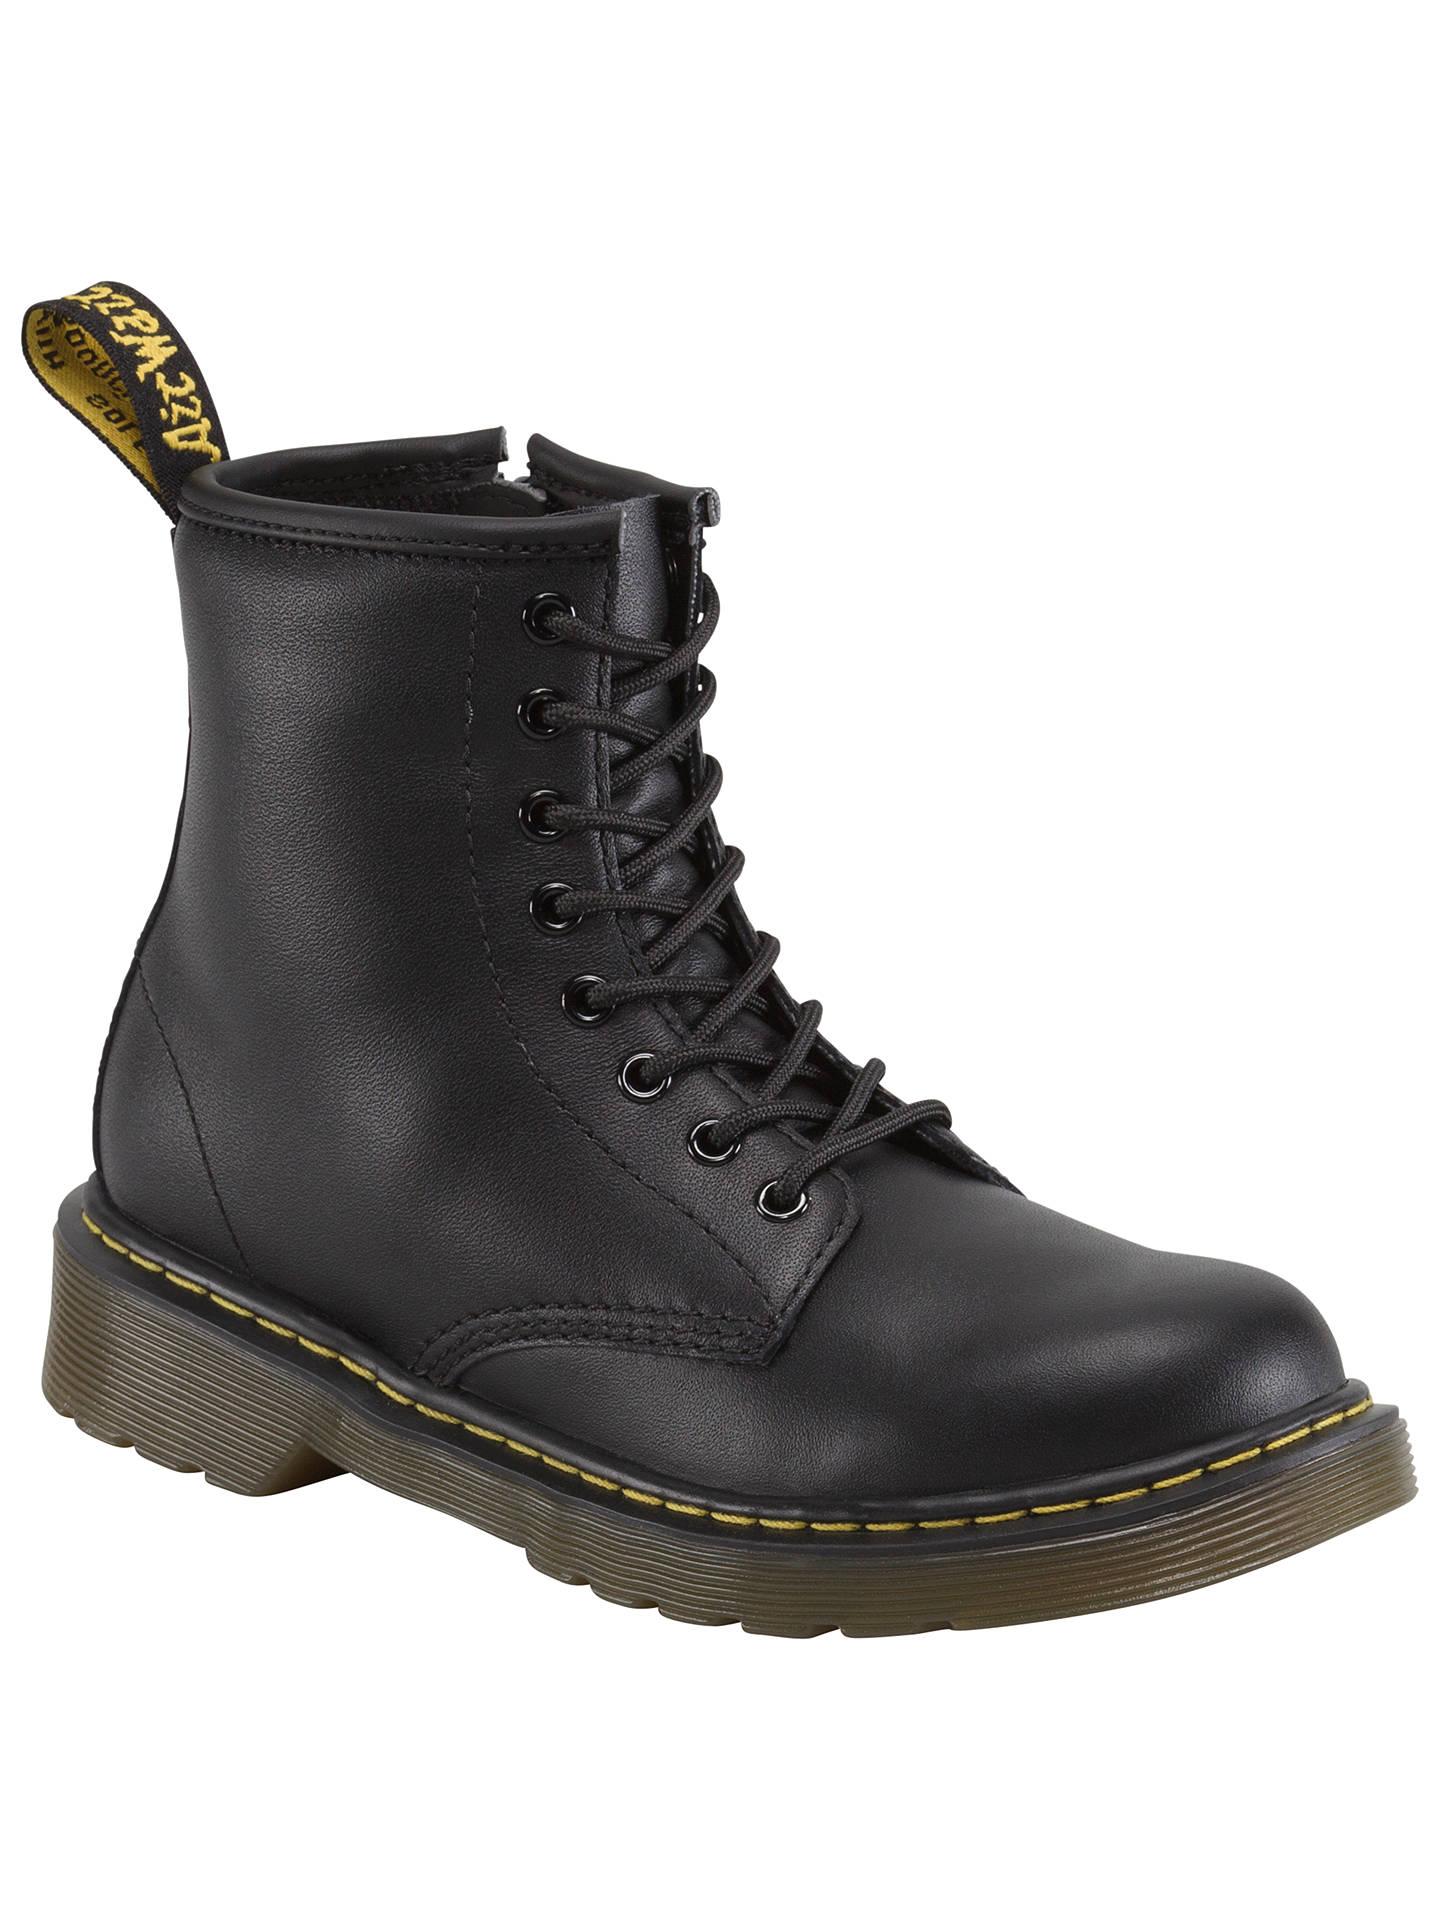 2df44ec7 Buy Dr Martens Children's Delaney Boots, Black, 10 Jnr Online at  johnlewis.com